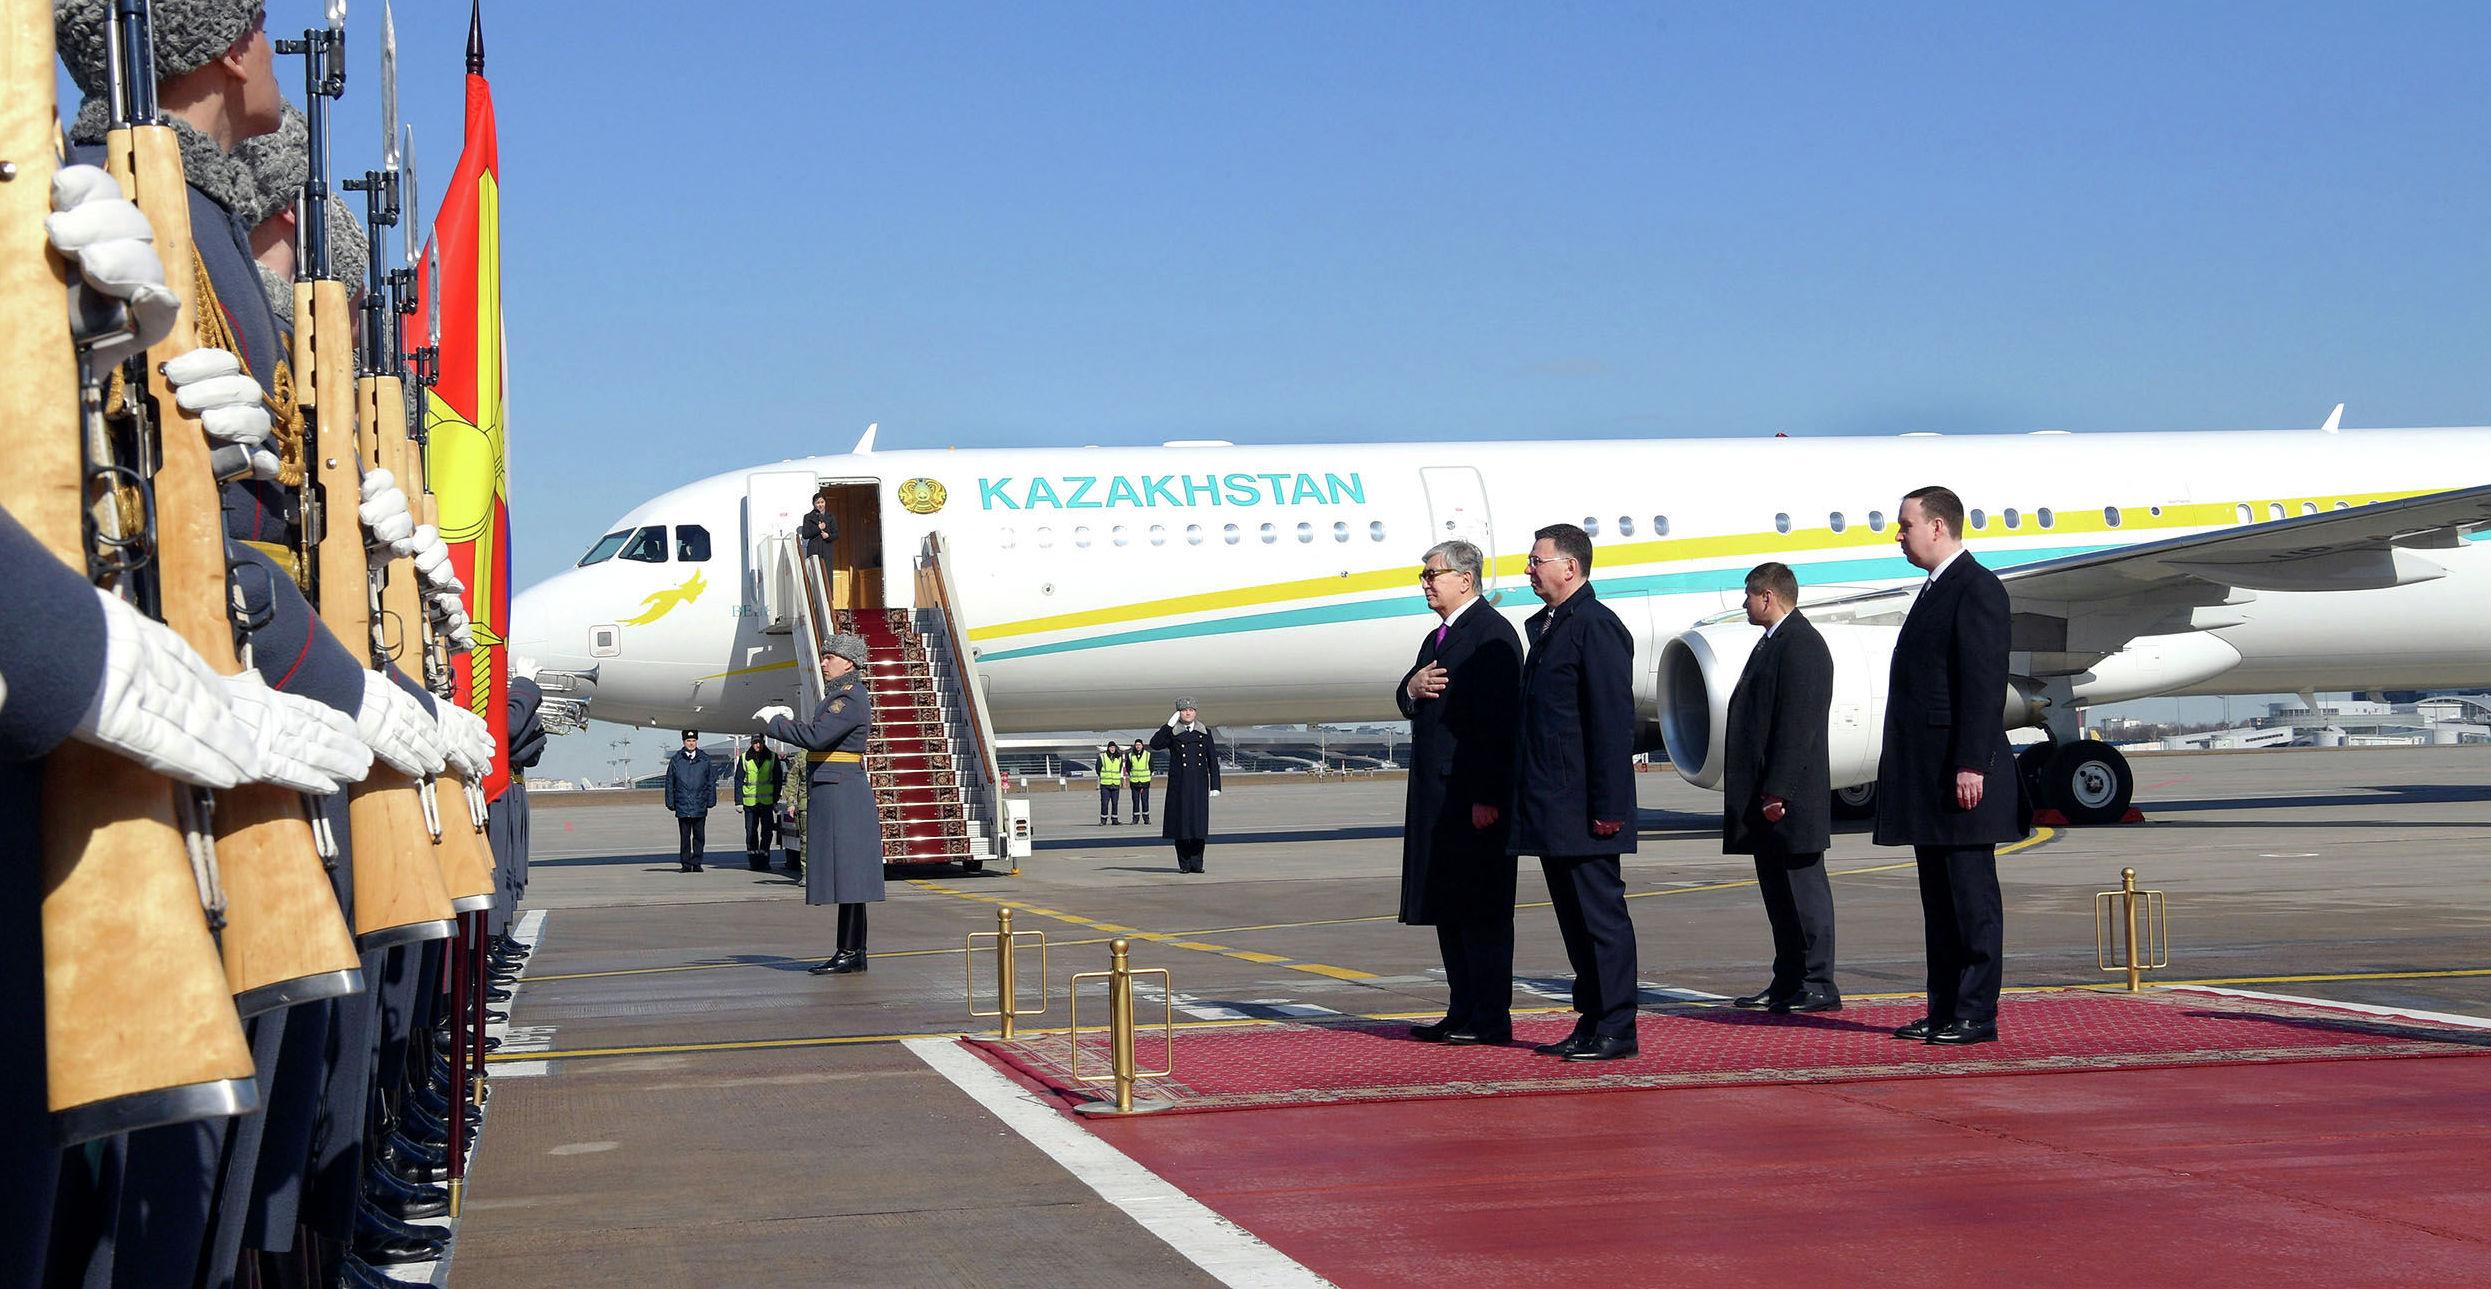 Президент Казахстана Касым-Жомарт Токаев (слева), прибывший с официальным визитом в Россию, и заместитель министра иностранных дел России Александр Панкин